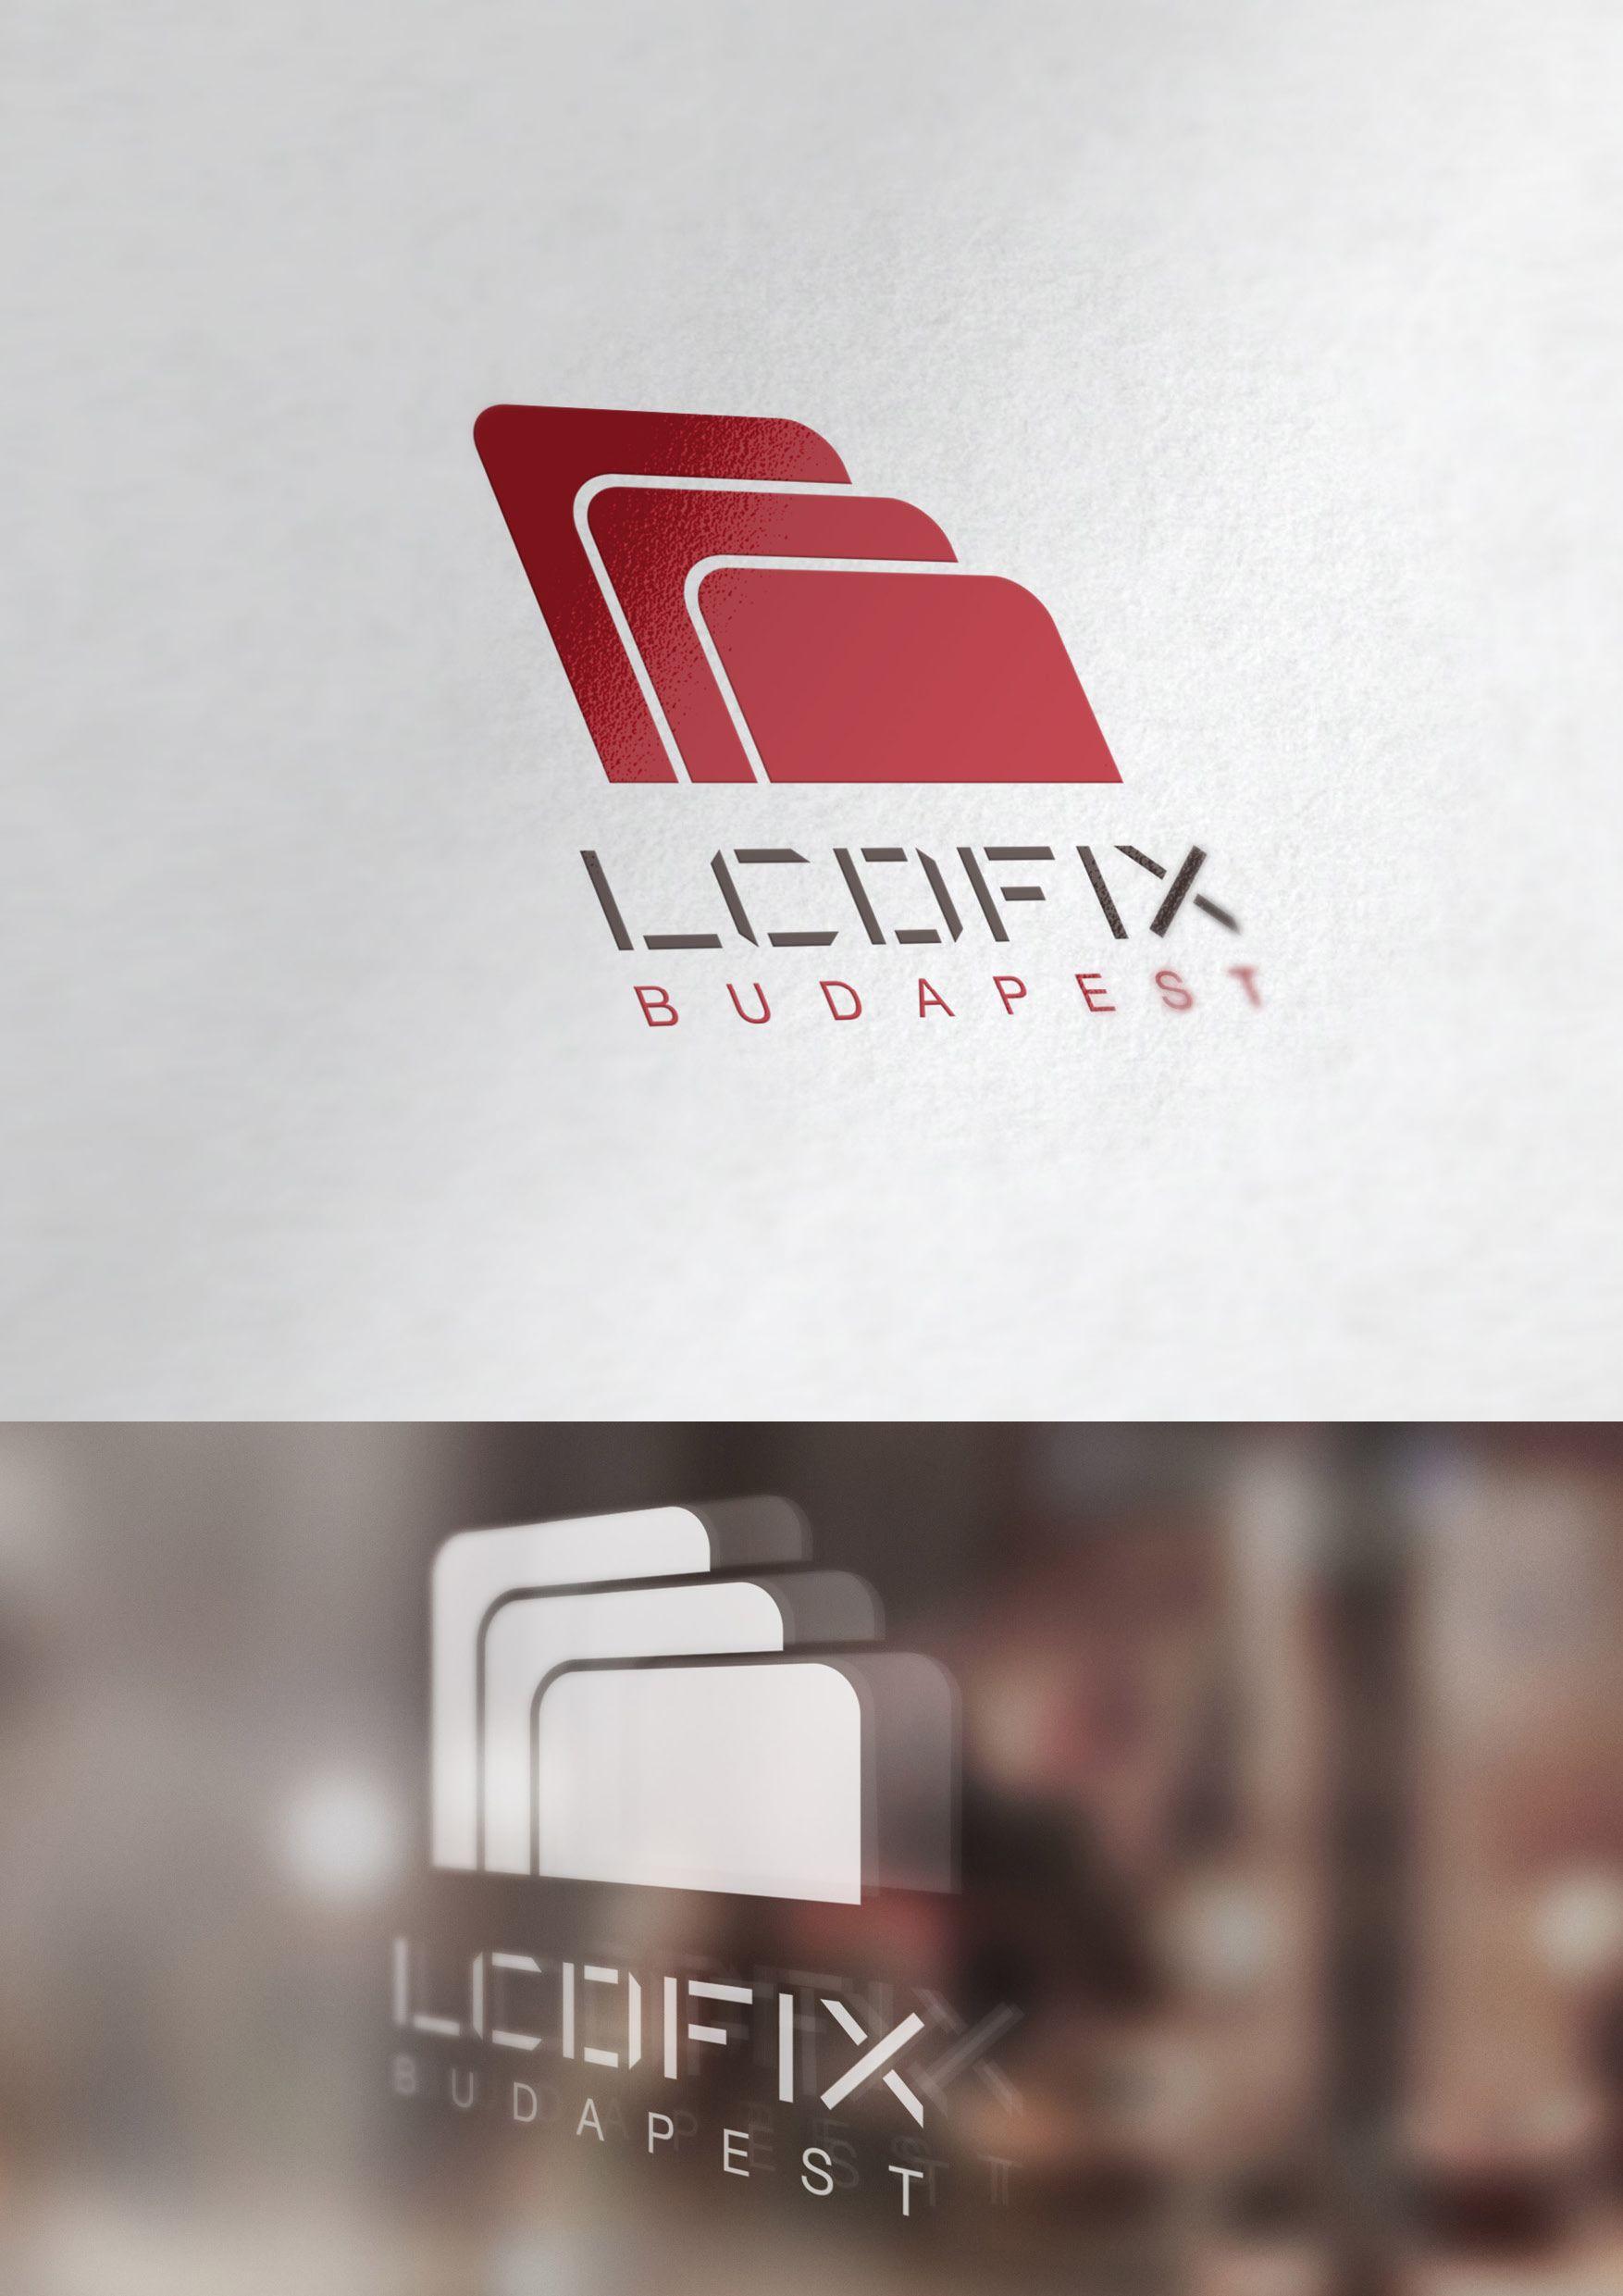 Repair Lcd's of Phones Company Logo